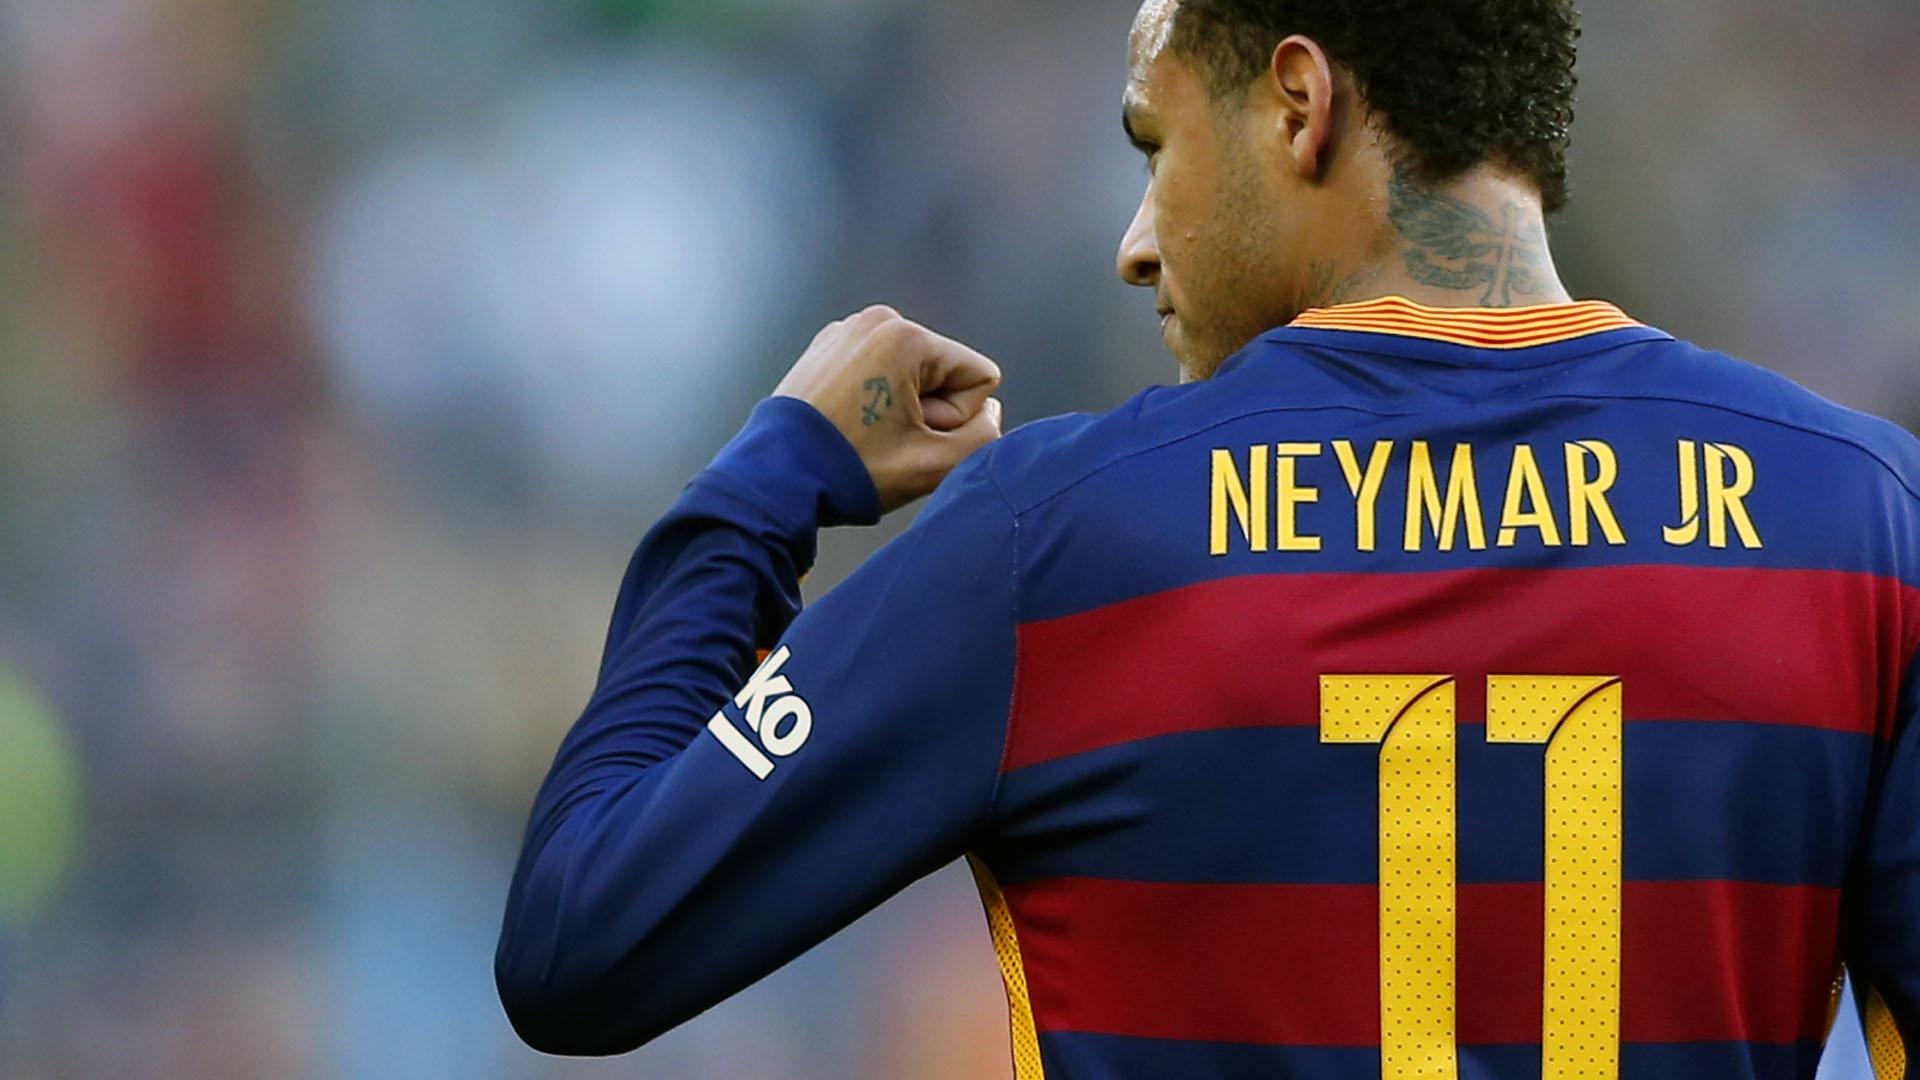 Neymar comemora gol pelo Barcelona contra o Real Madrid (AP Photo/Manu Fernandez)